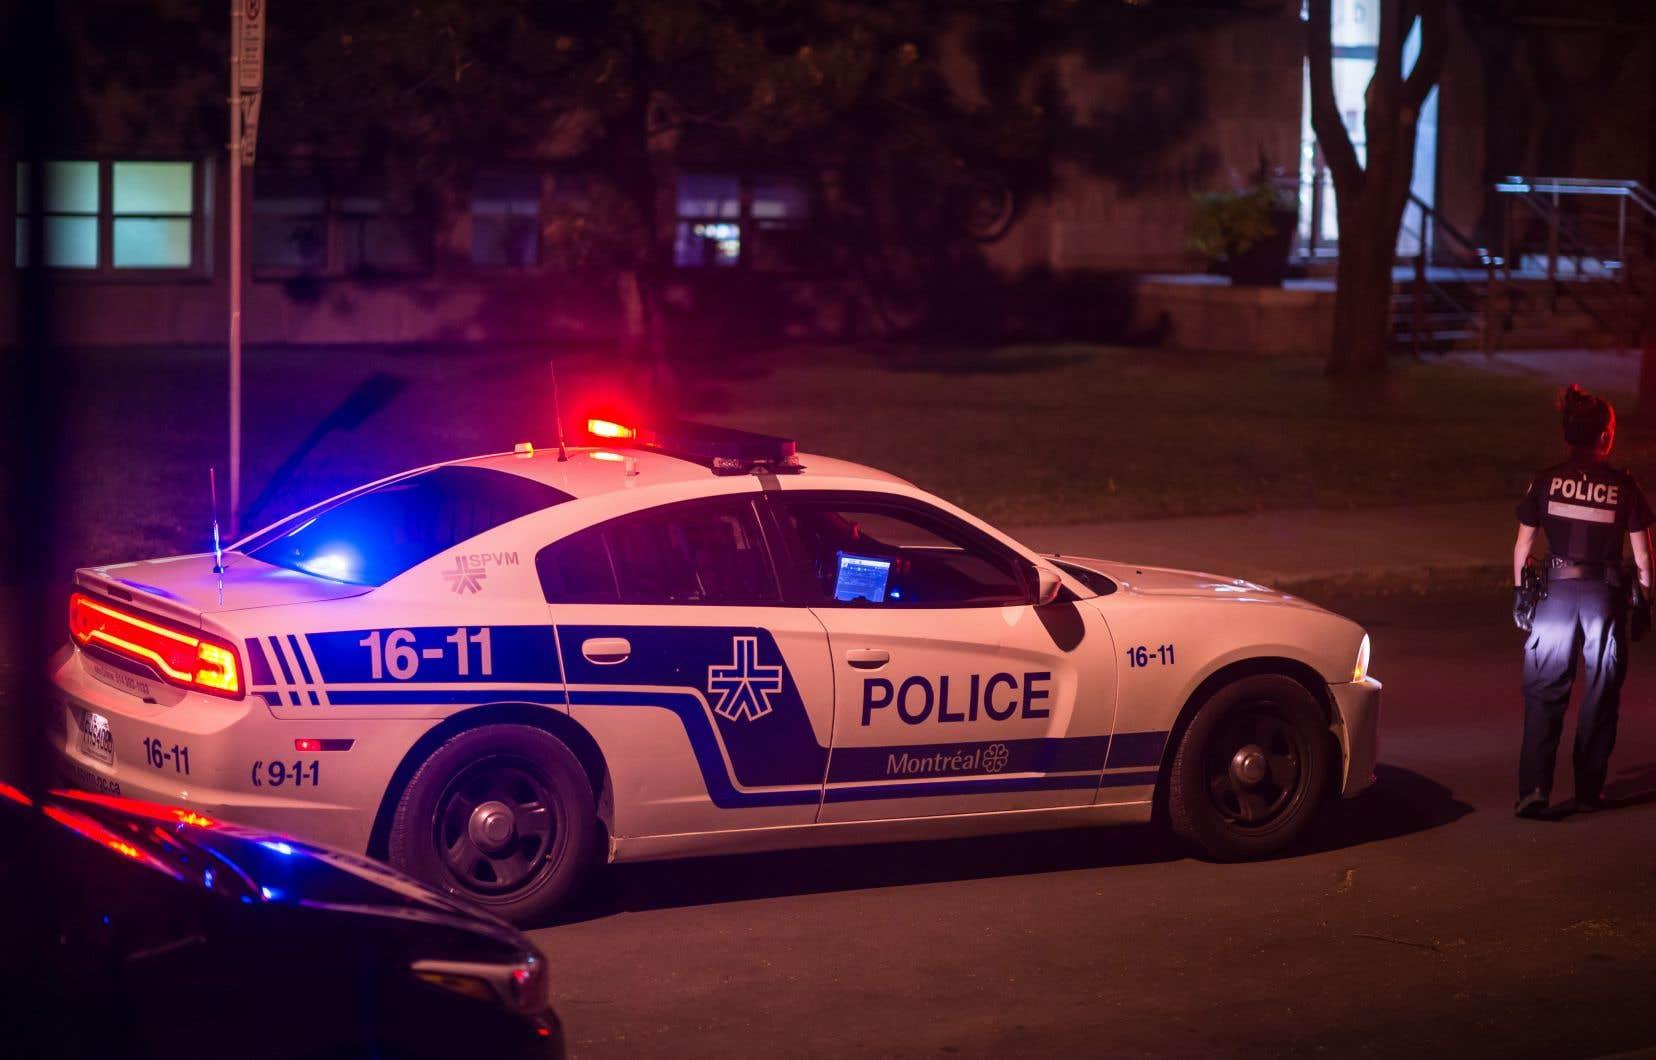 Des policiers de Montréal avaient découvert les corps de deux aînés dans leur domicile.